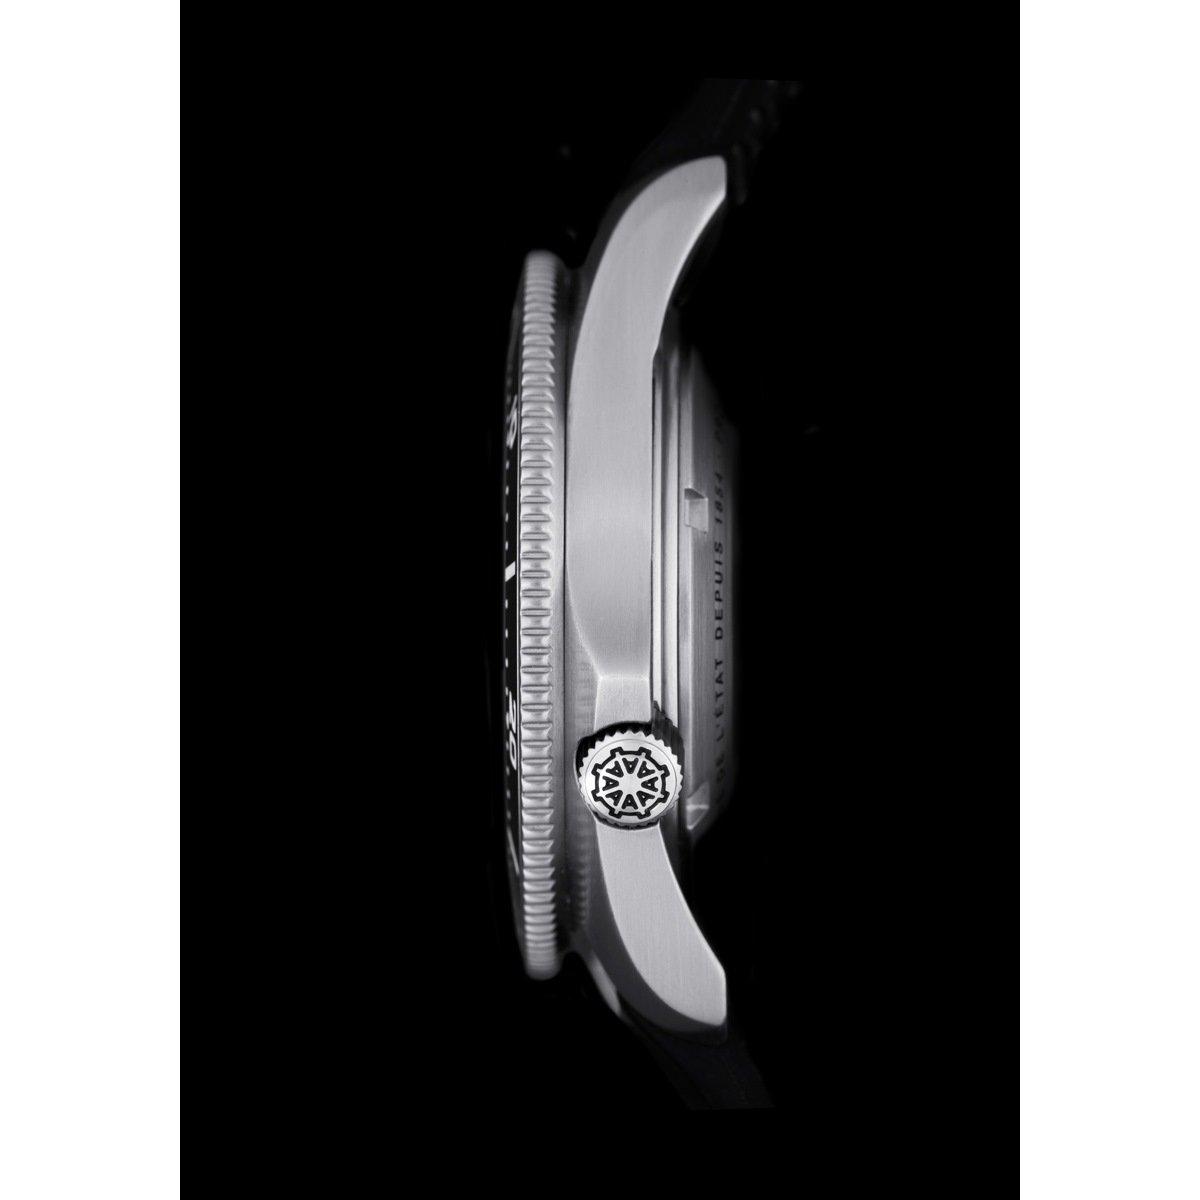 Montre Auricoste Spirotechnique 42mm 300m A9102 vue 3